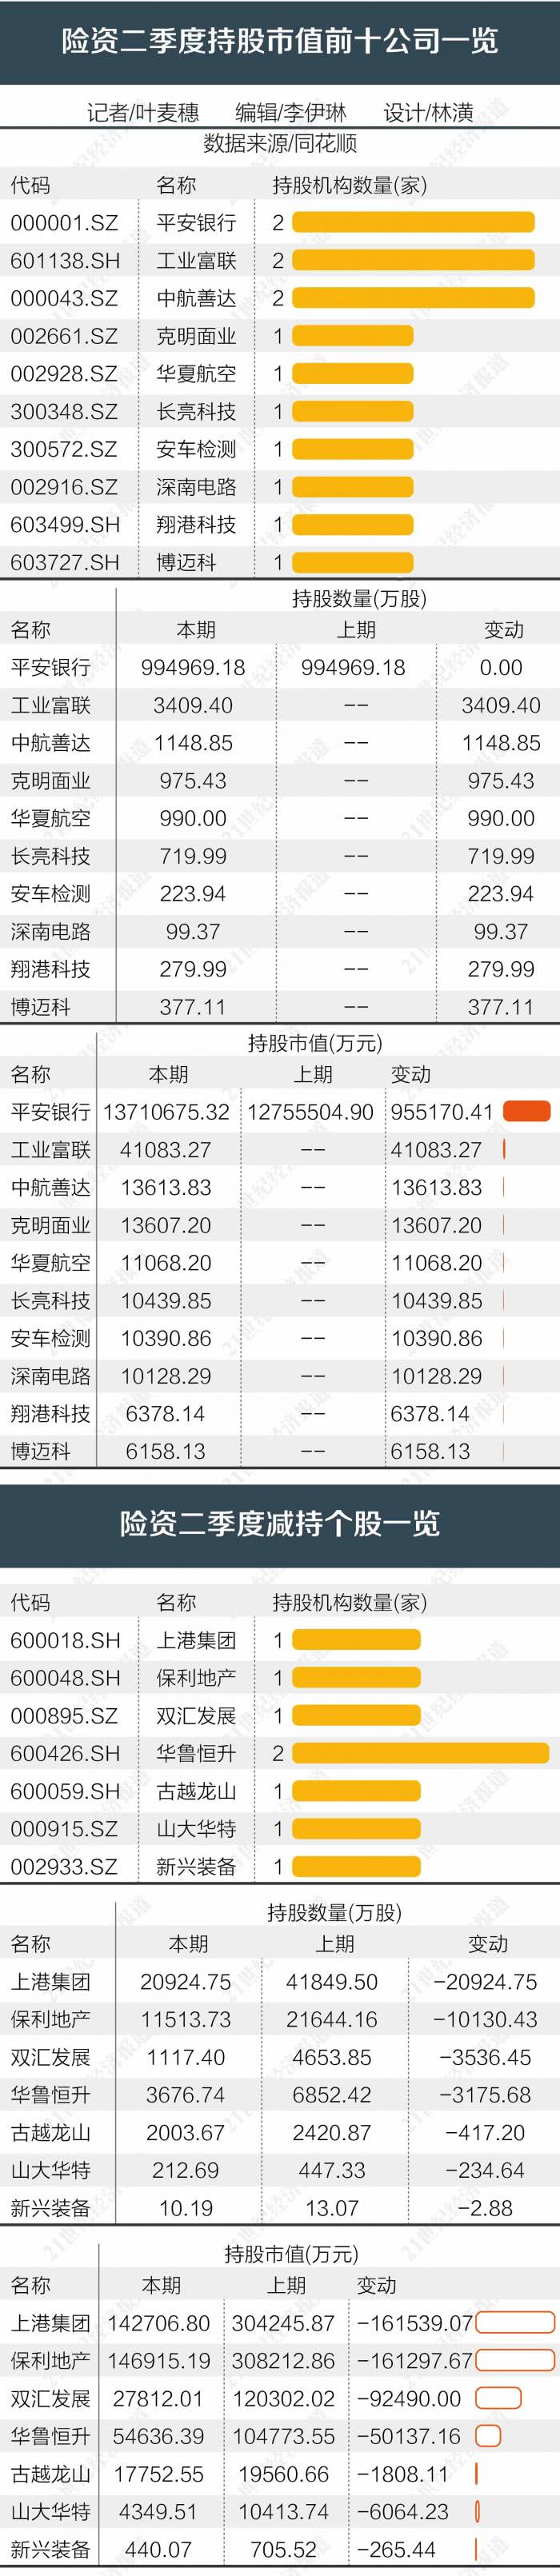 險資上半年投資路徑觀察:高分紅低波動的地產股最受歡迎_中國